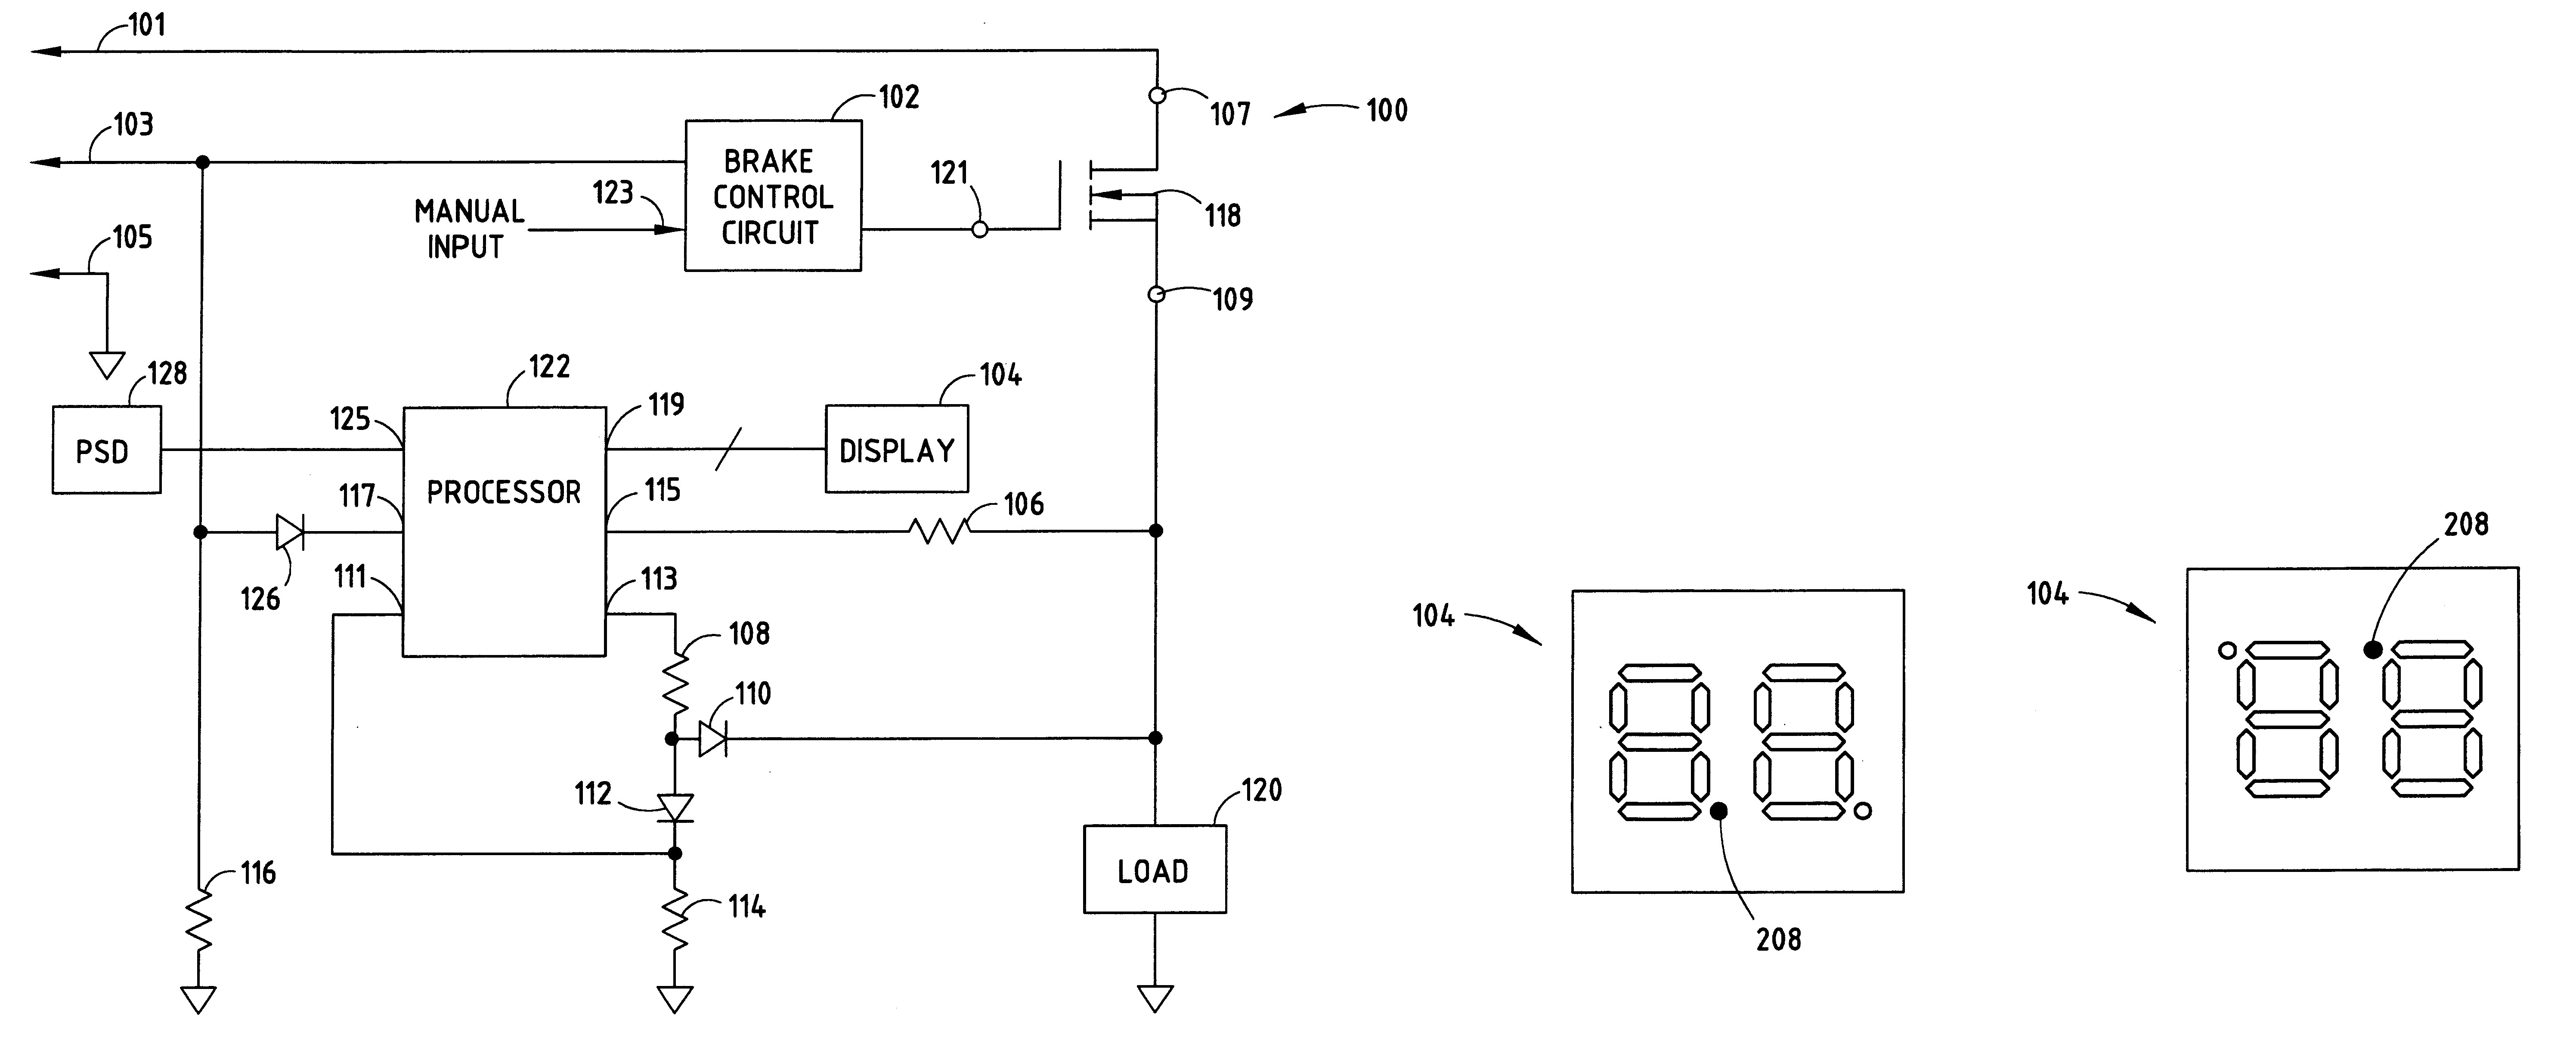 Electric Brake Wiring Diagram Australia : Kelsey hayes brake controller wiring diagram automotive